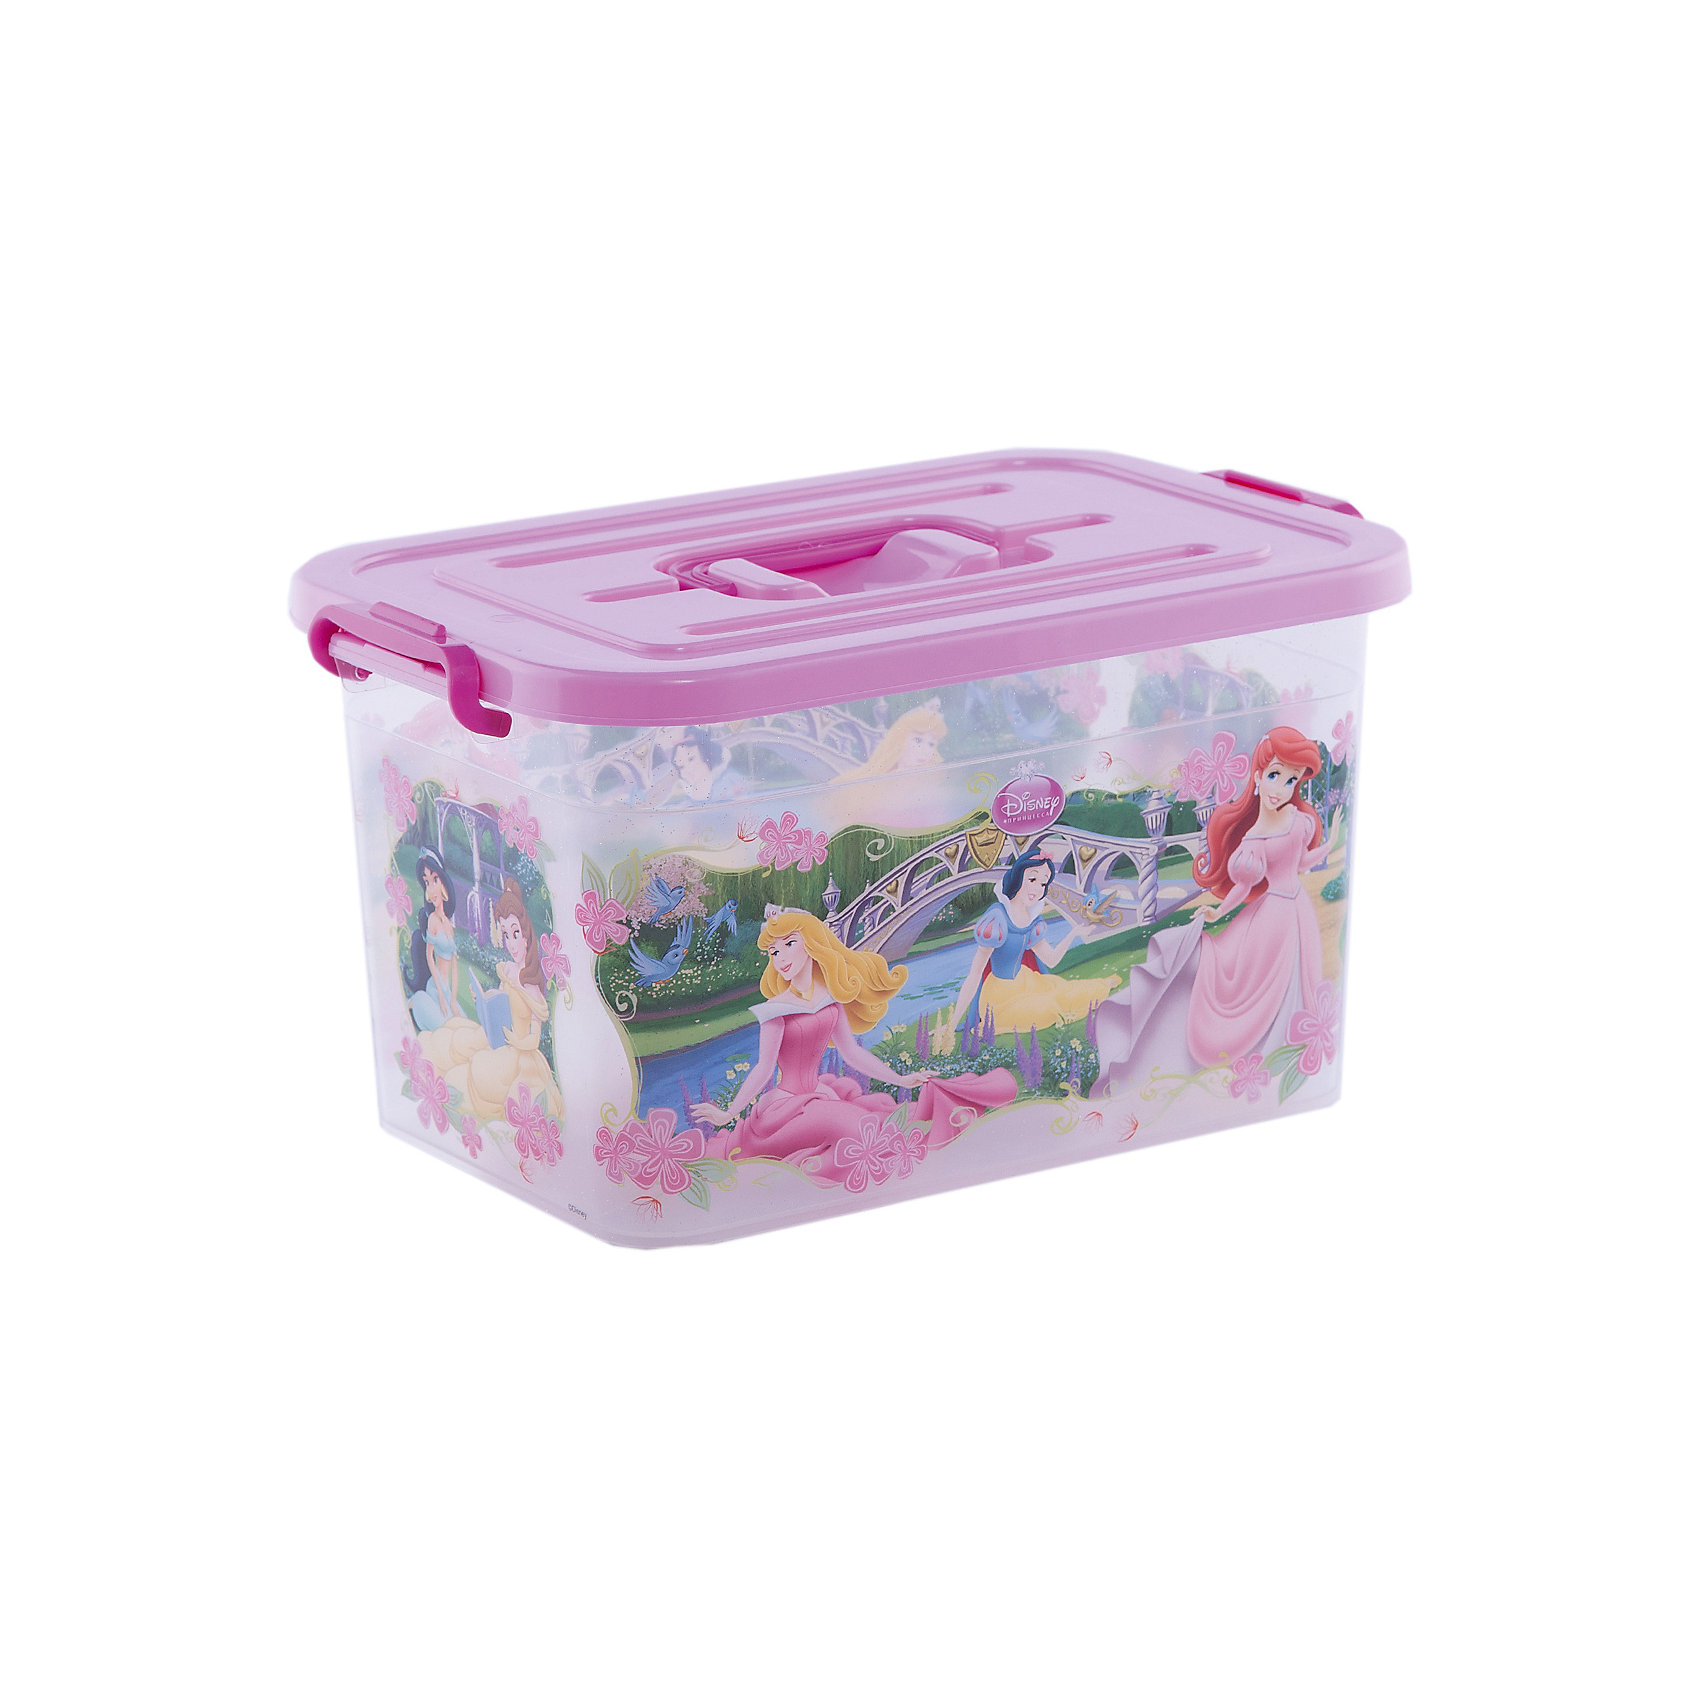 Ящик для игрушек Принцессы, 10лЯркий и удобный ящик с изображениями очаровательных Disney princess (Принцесс Диснея) обязательно понравится девочкам и приучит ребенка к порядку. Ведь убирать вещи и игрушки в такой контейнер - одно удовольствие! Ящик выполнен из высококачественного прочного пластика, плотно закрывается, имеет удобную ручку для переноски. <br><br>Дополнительная информация:<br><br>- Материал: пластик.<br>- Размер: 35,5x23,5x19 см.<br>- Объем: 10 л.<br>- Удобная ручка наверху. <br><br>Ящик для игрушек Принцессы, 10л, можно купить в нашем магазине.<br><br>Ширина мм: 9999<br>Глубина мм: 9999<br>Высота мм: 9999<br>Вес г: 250<br>Возраст от месяцев: 12<br>Возраст до месяцев: 120<br>Пол: Унисекс<br>Возраст: Детский<br>SKU: 4718438